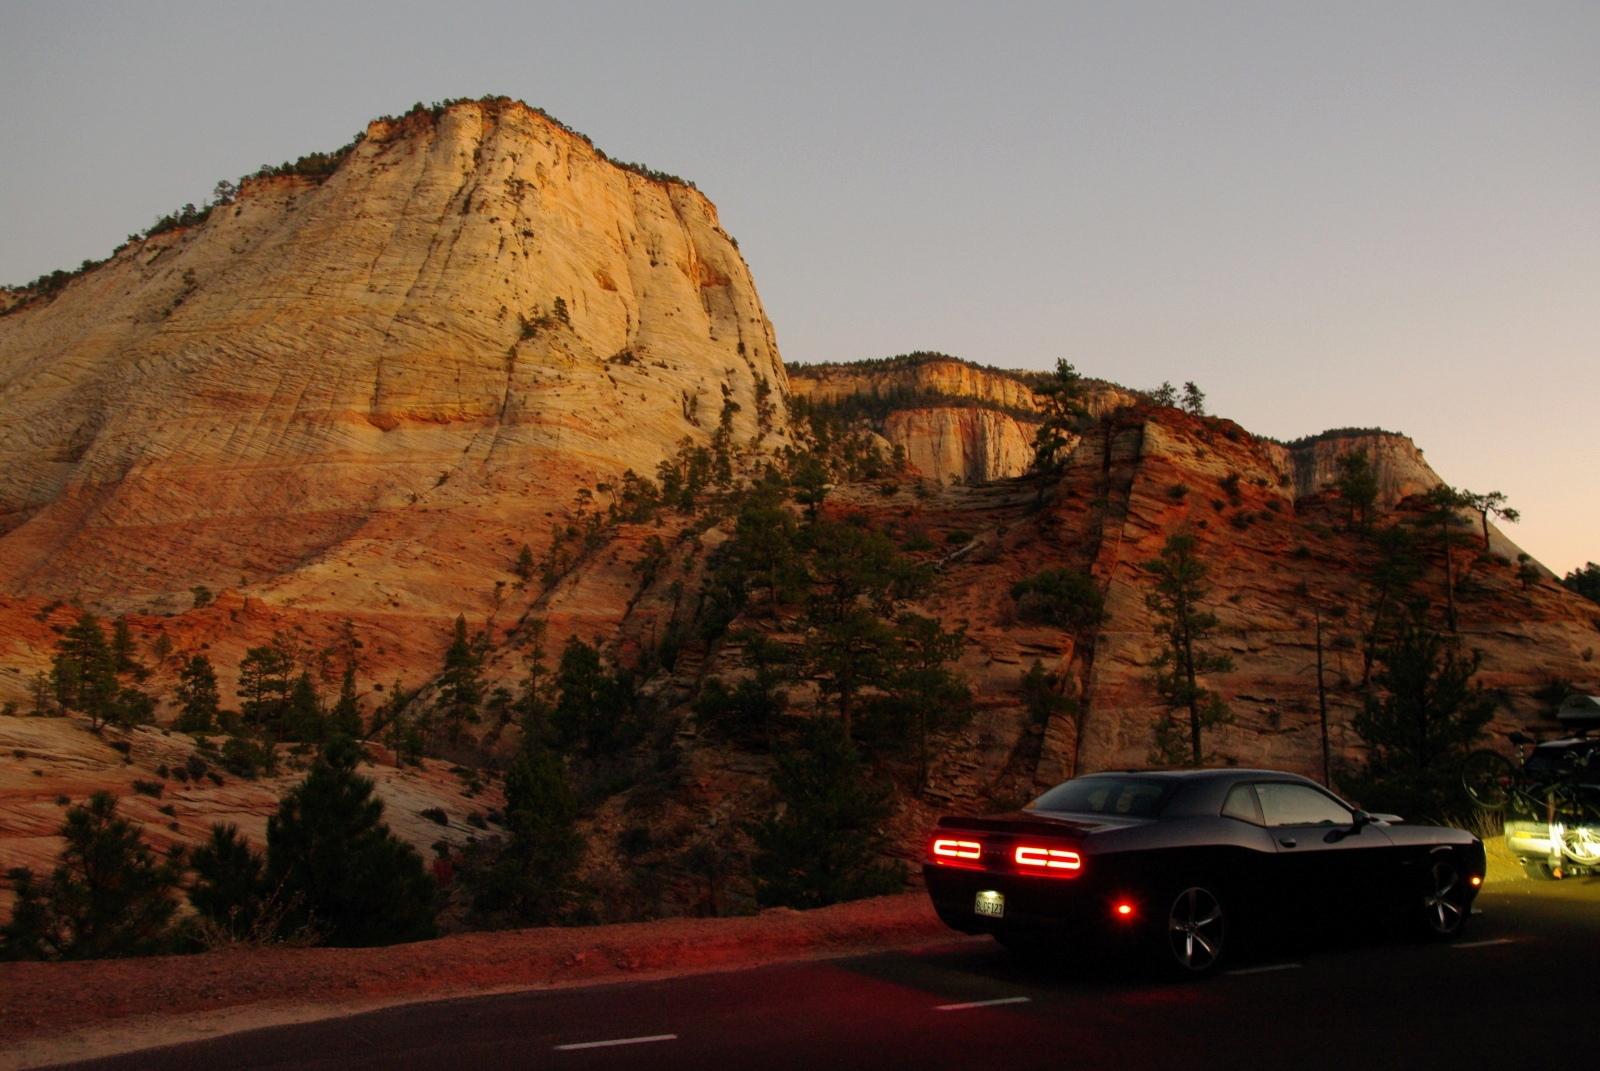 Road Trip / Ouest des USA en Challenger de location -Part II Imgpk239